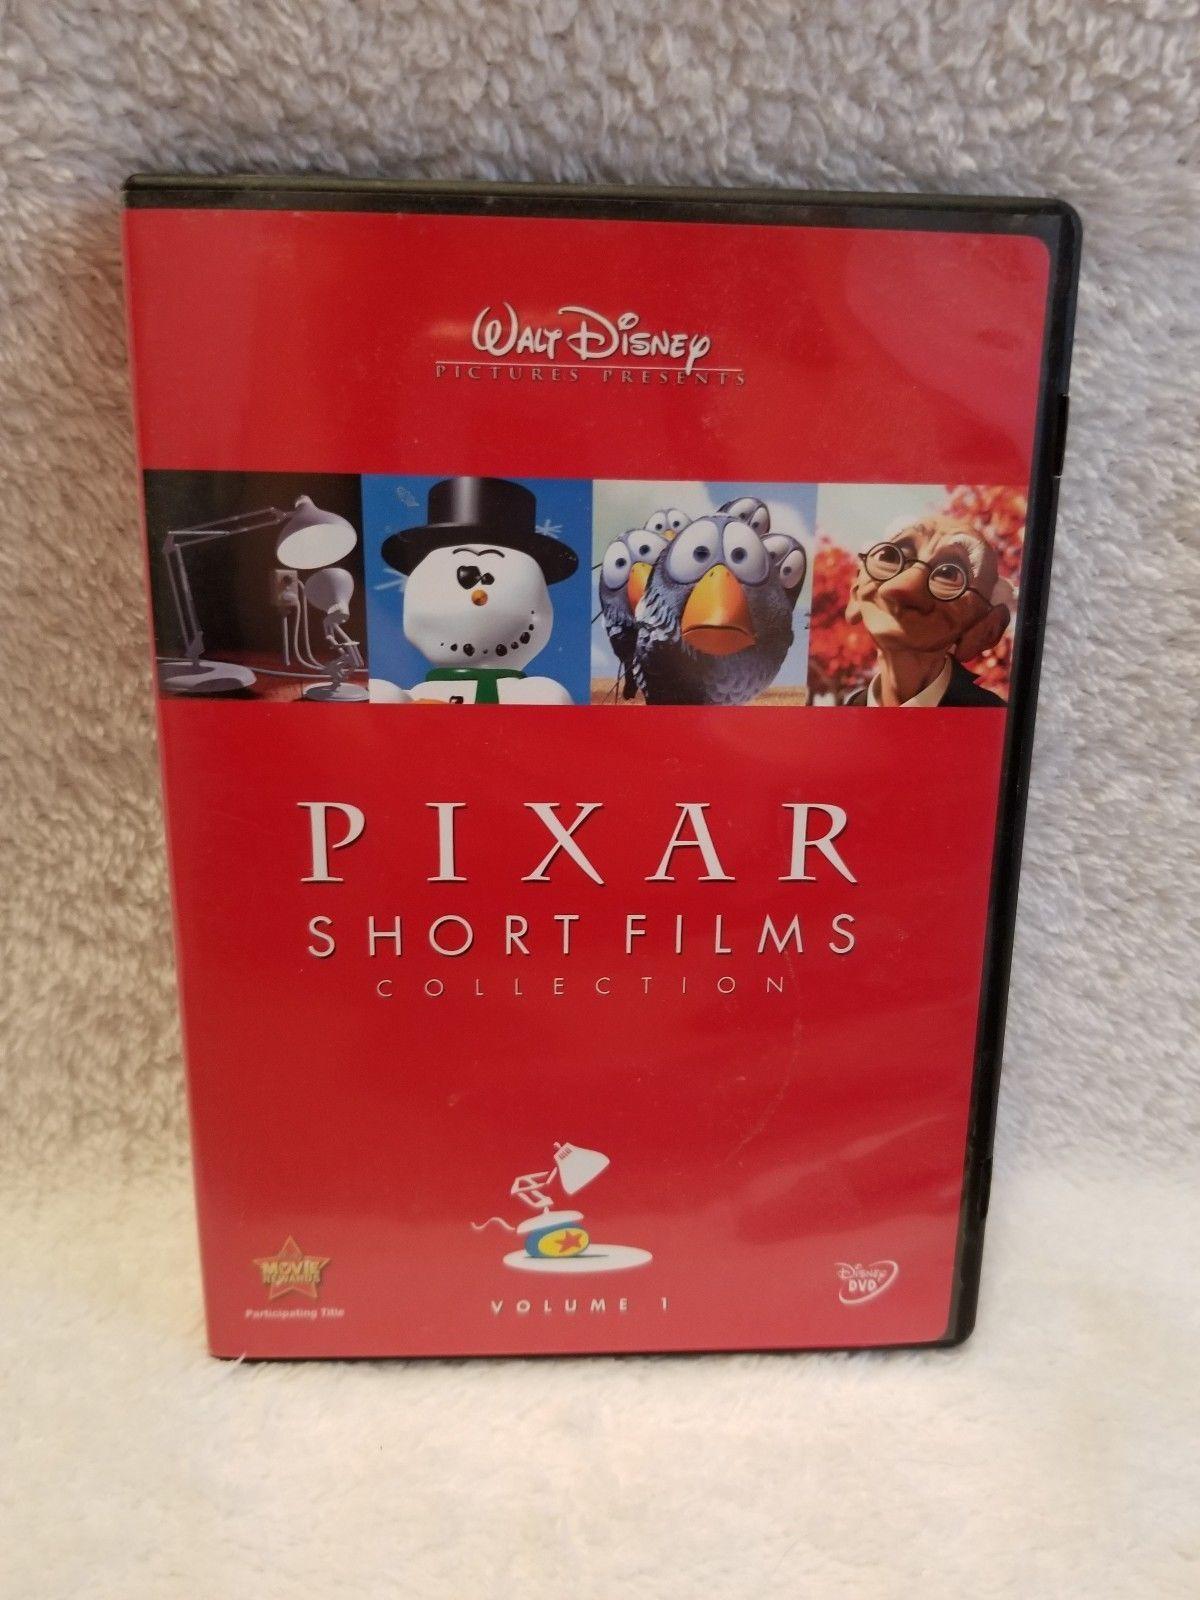 Pixar Short Films Collection Volume 1 (2007 DVD)